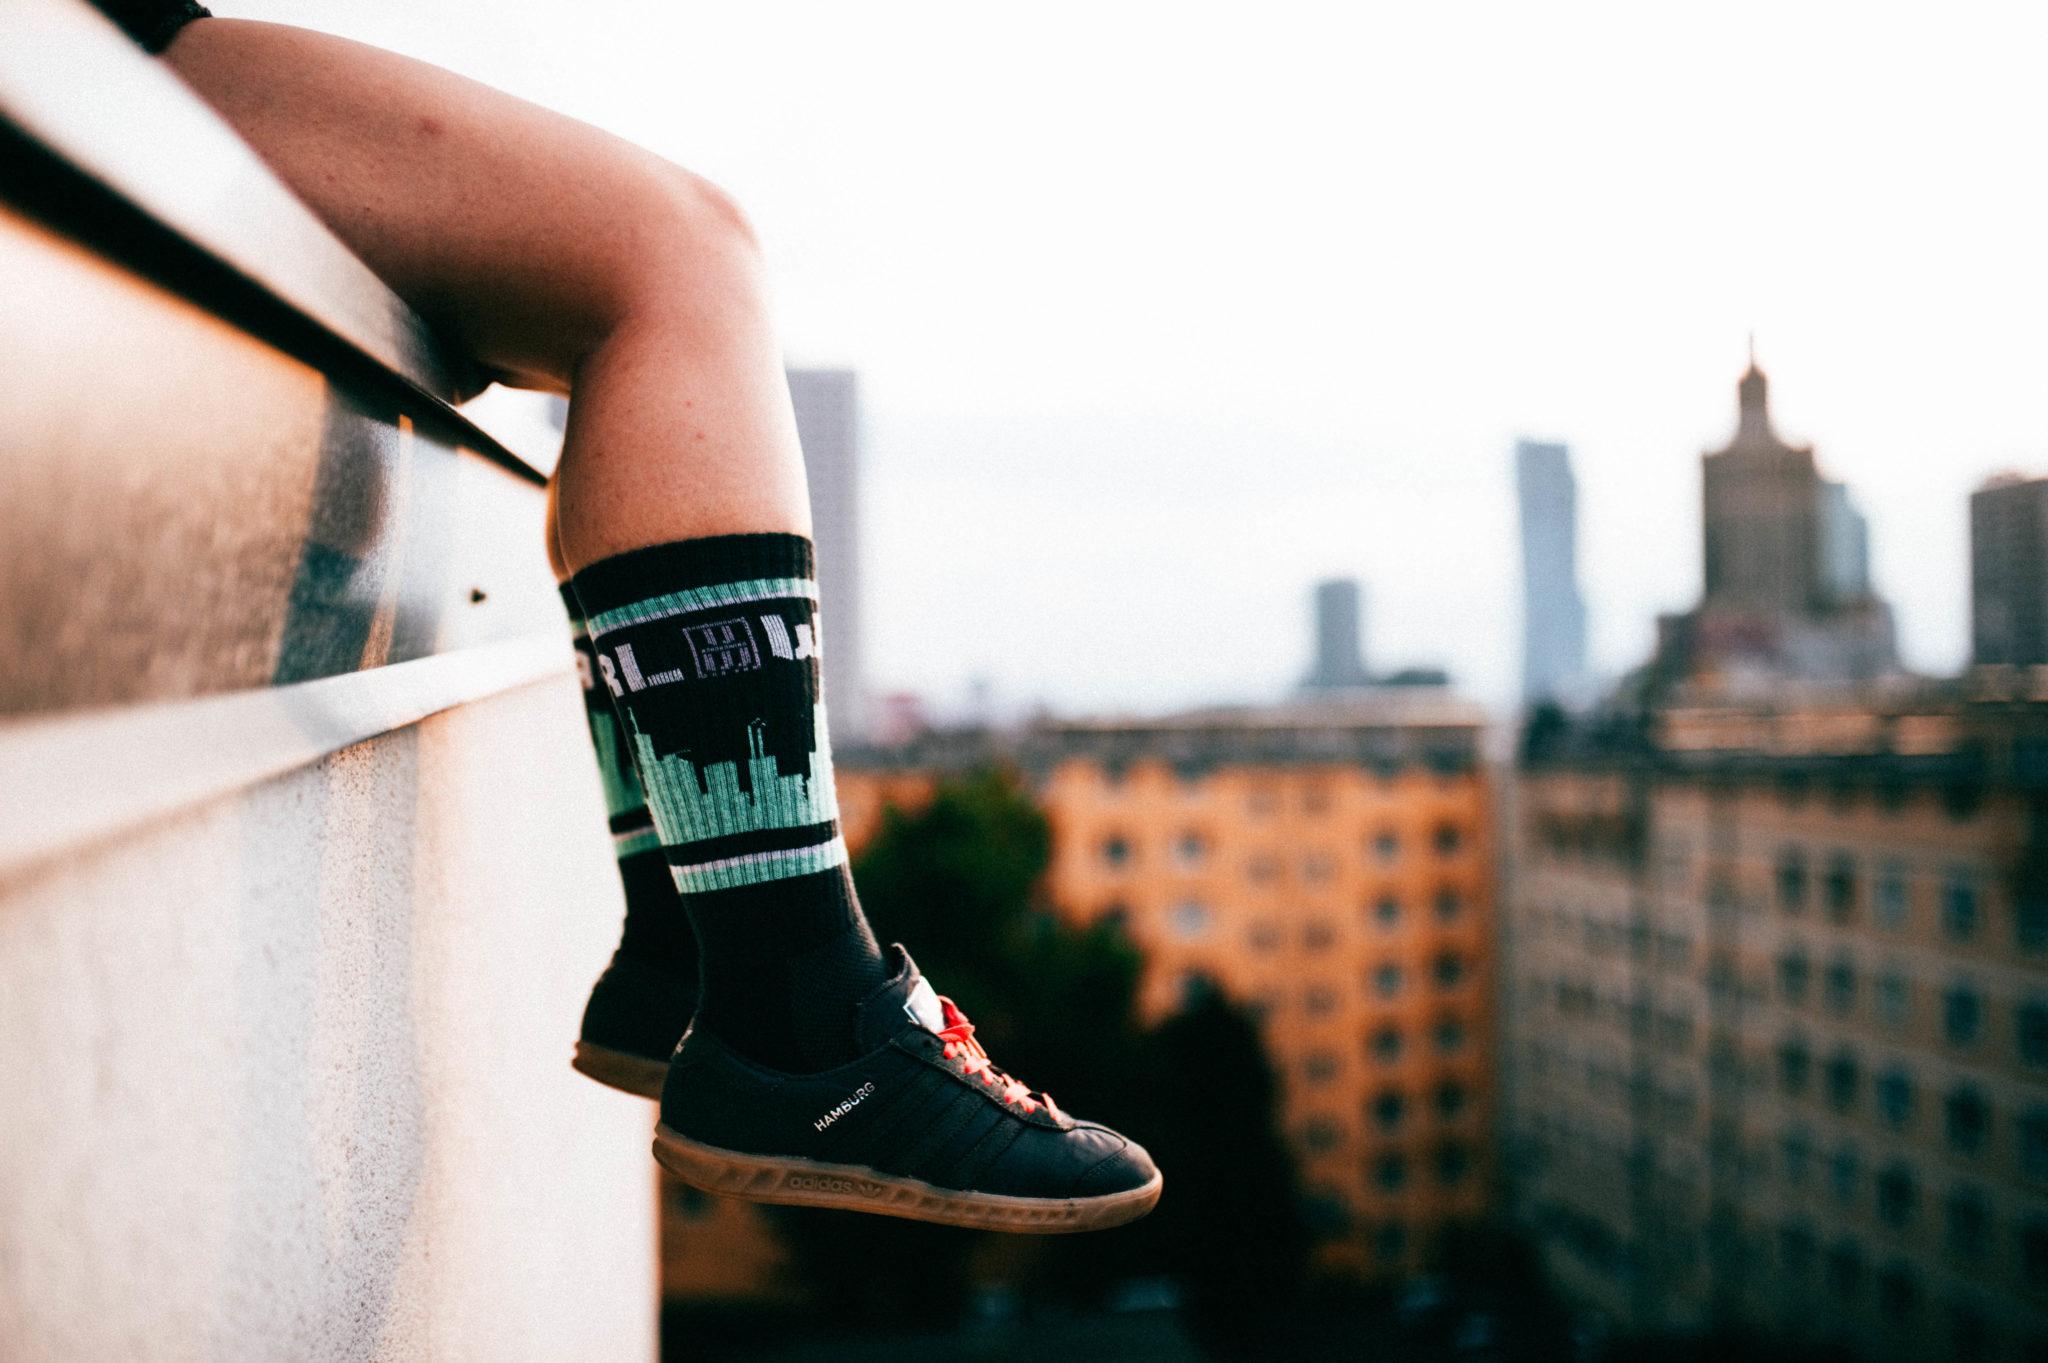 Nogi zwisające ze szczytu budynku, ze skarpetkami w warszawski motyw